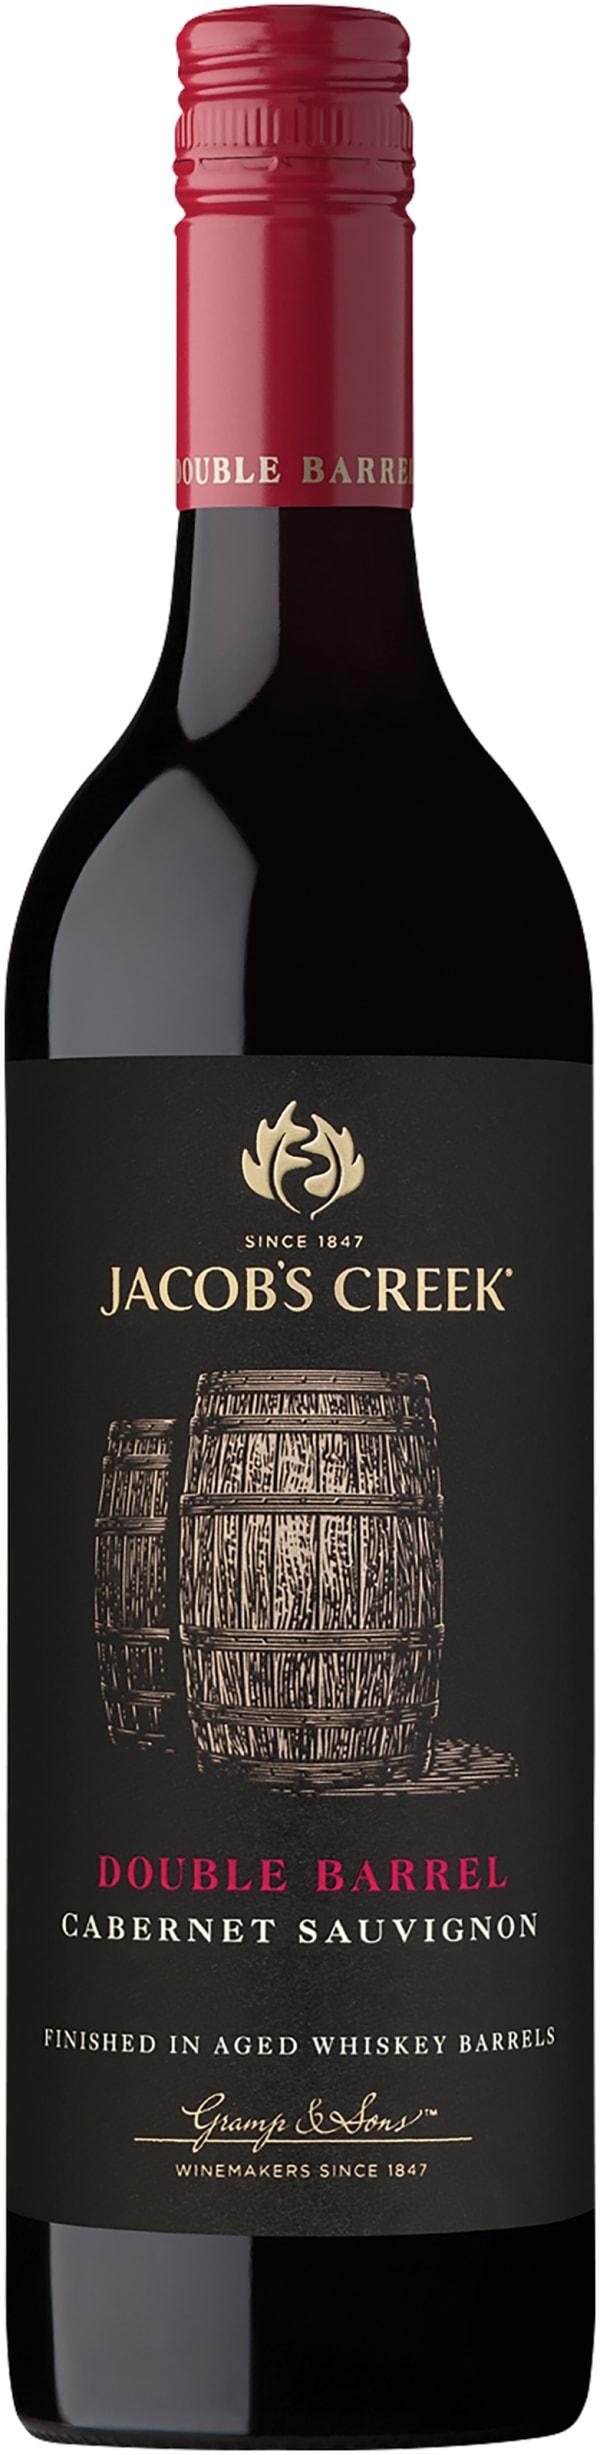 Jacob's Creek Double Barrel Cabernet Sauvignon 4th vintage